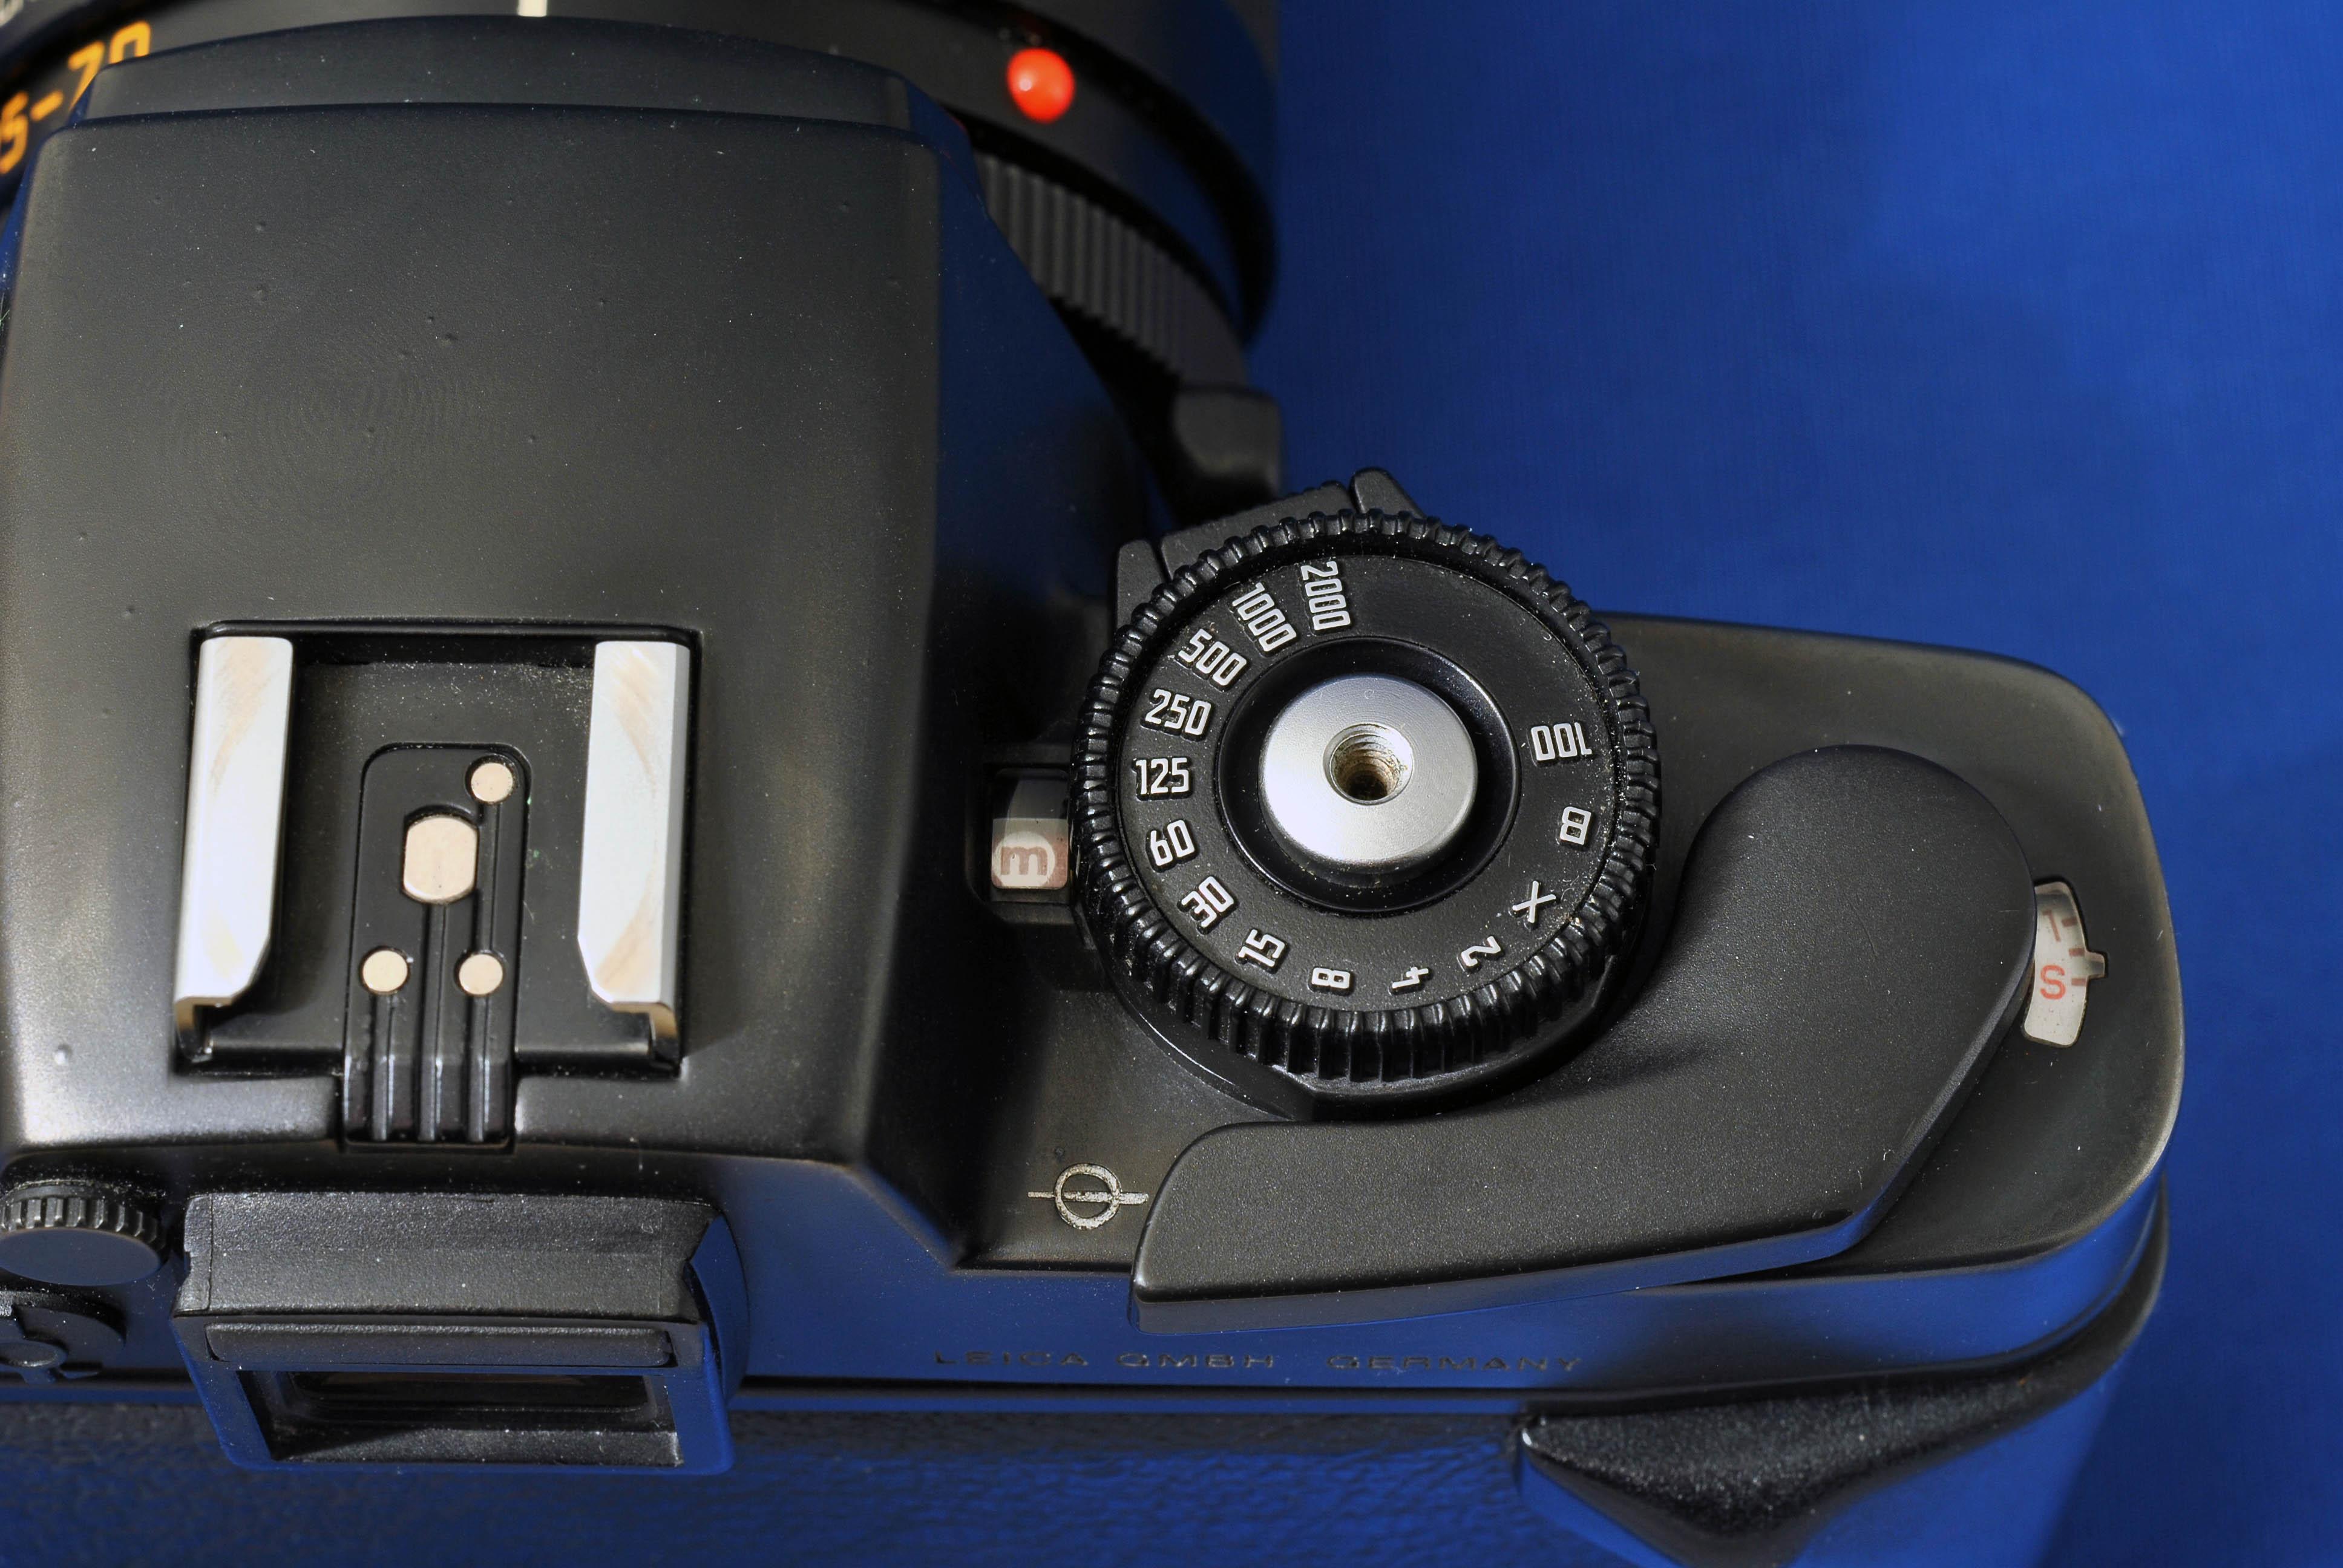 Leica RE top